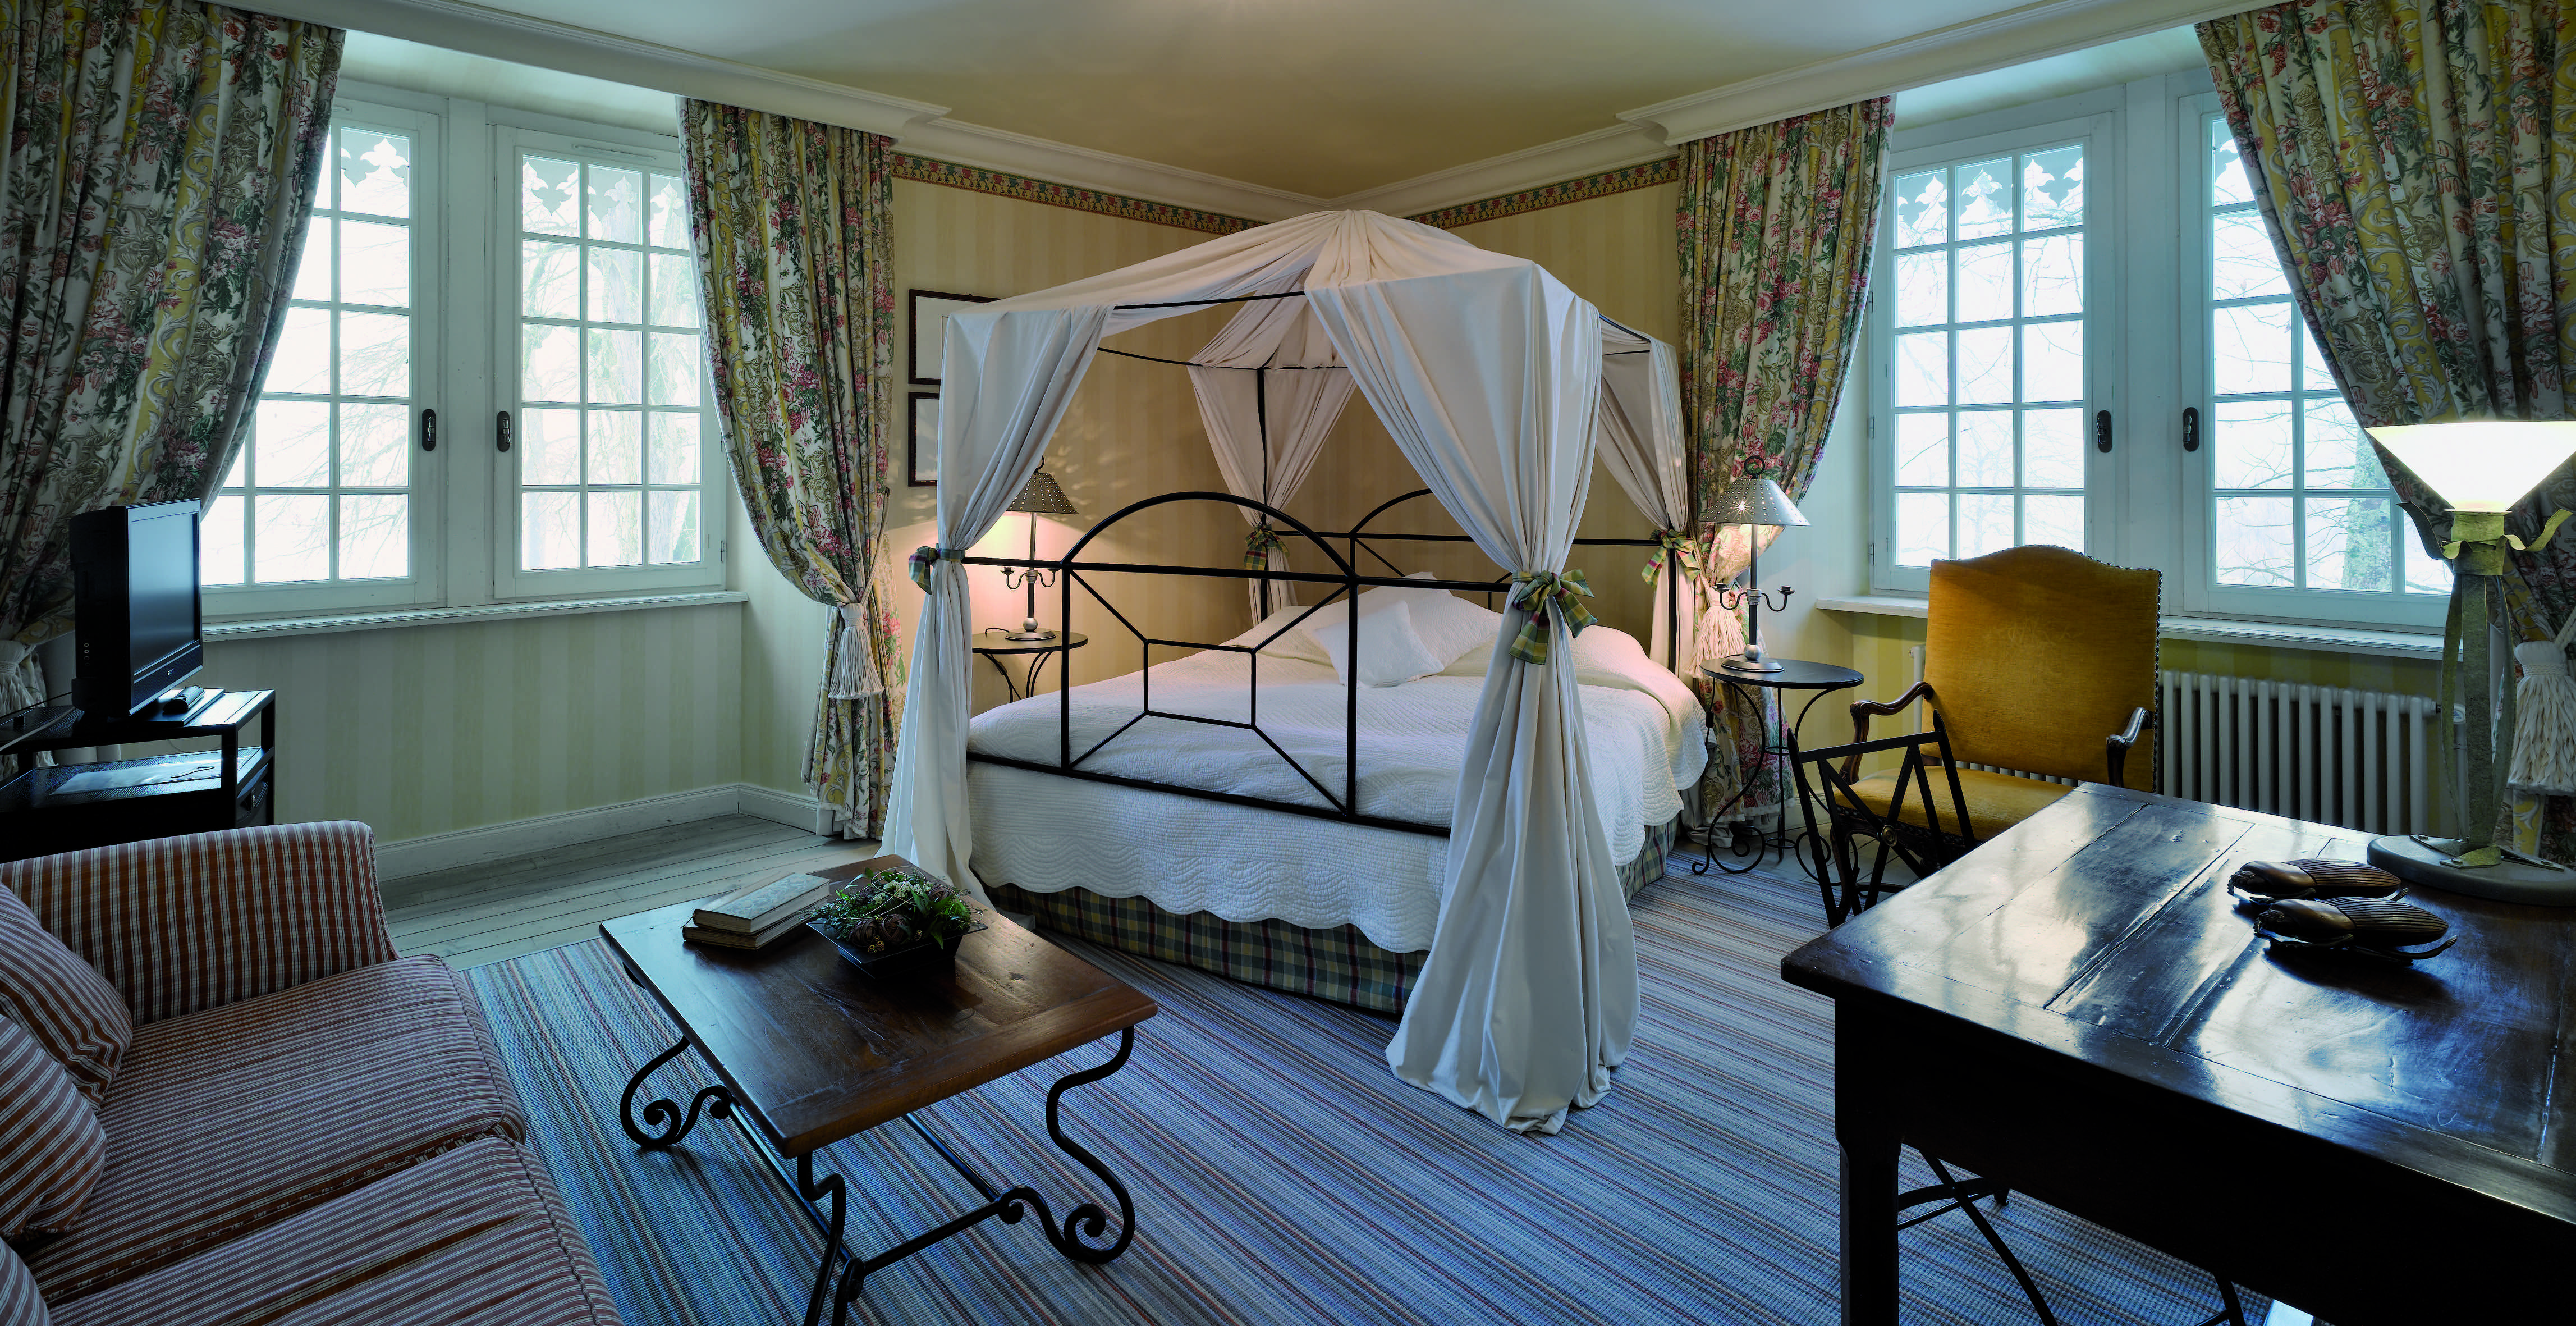 Chambre De Luxe Situee Au 1er Etage Du Chateau Germigney Relaischateaux Jura Home Decor Outdoor Furniture Outdoor Decor